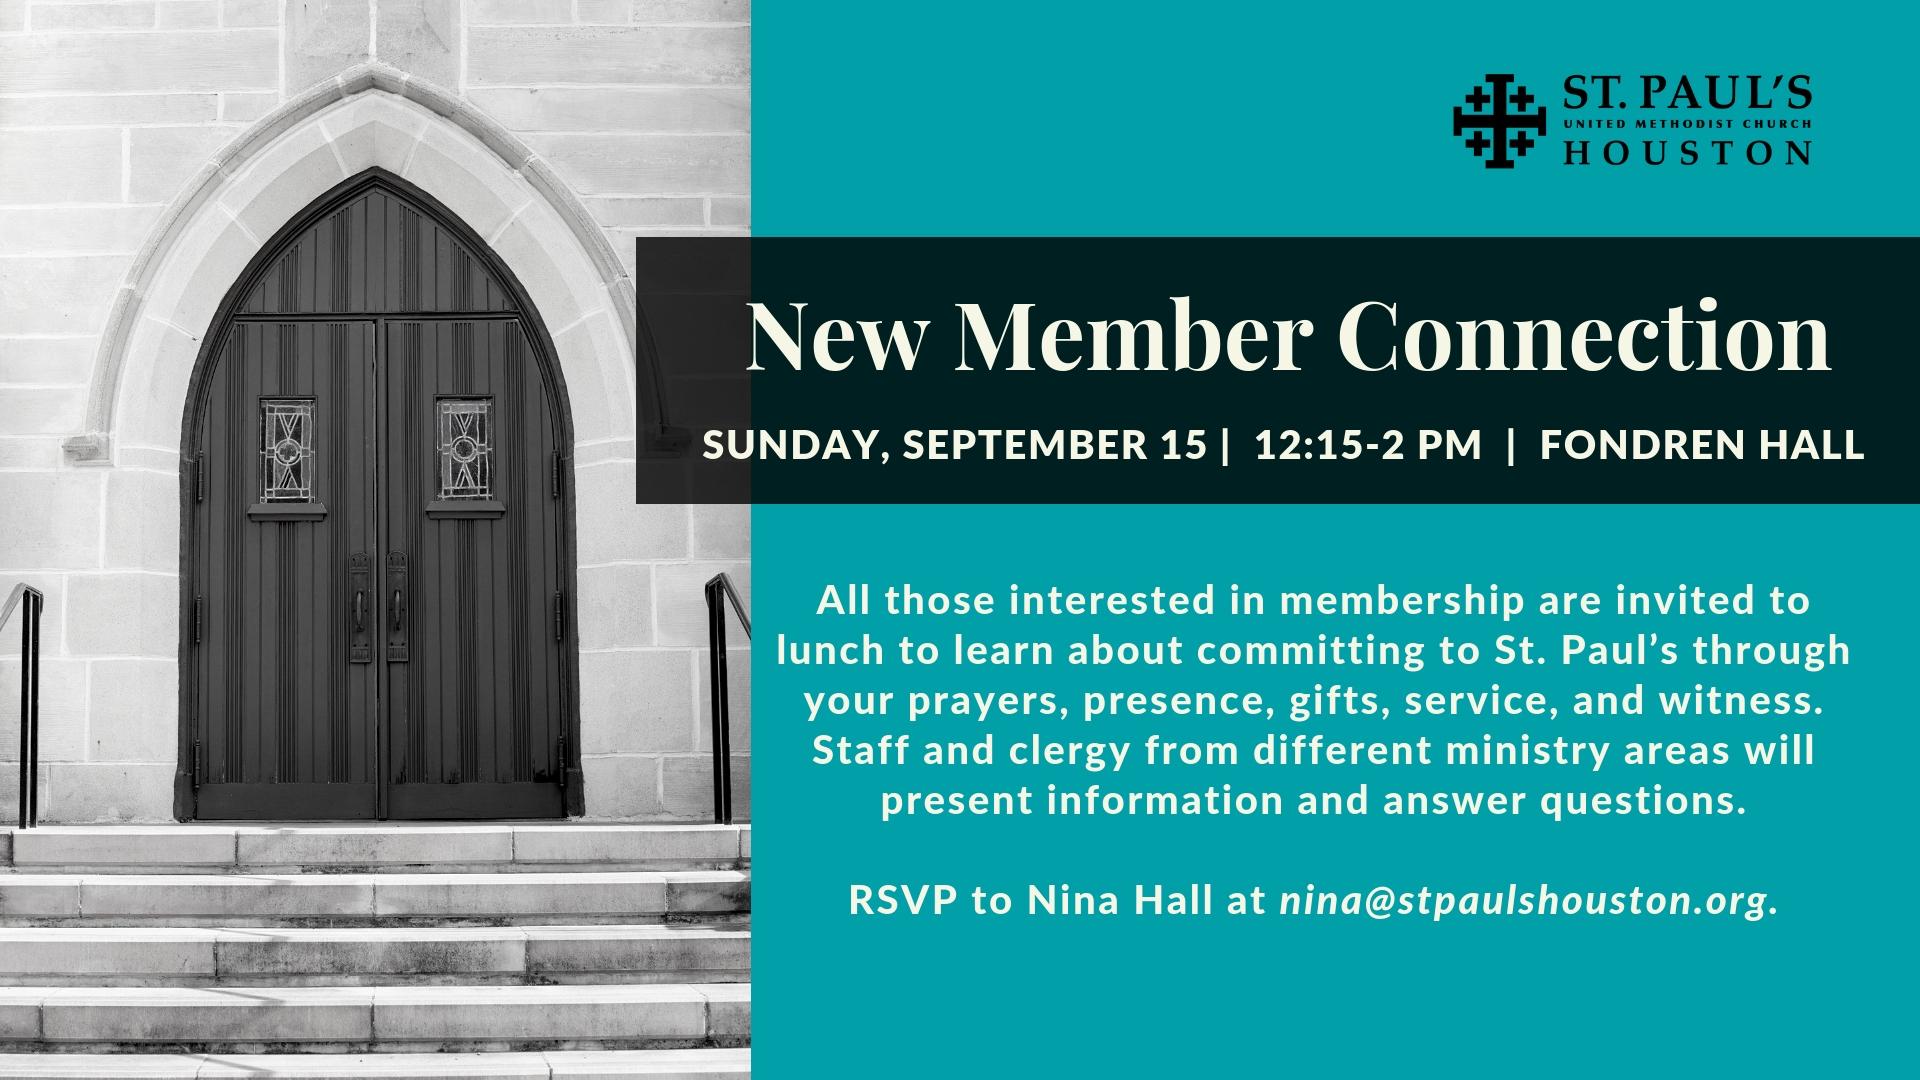 16x9 New Member Connection - 09-15-19 Fondren Hall.jpg